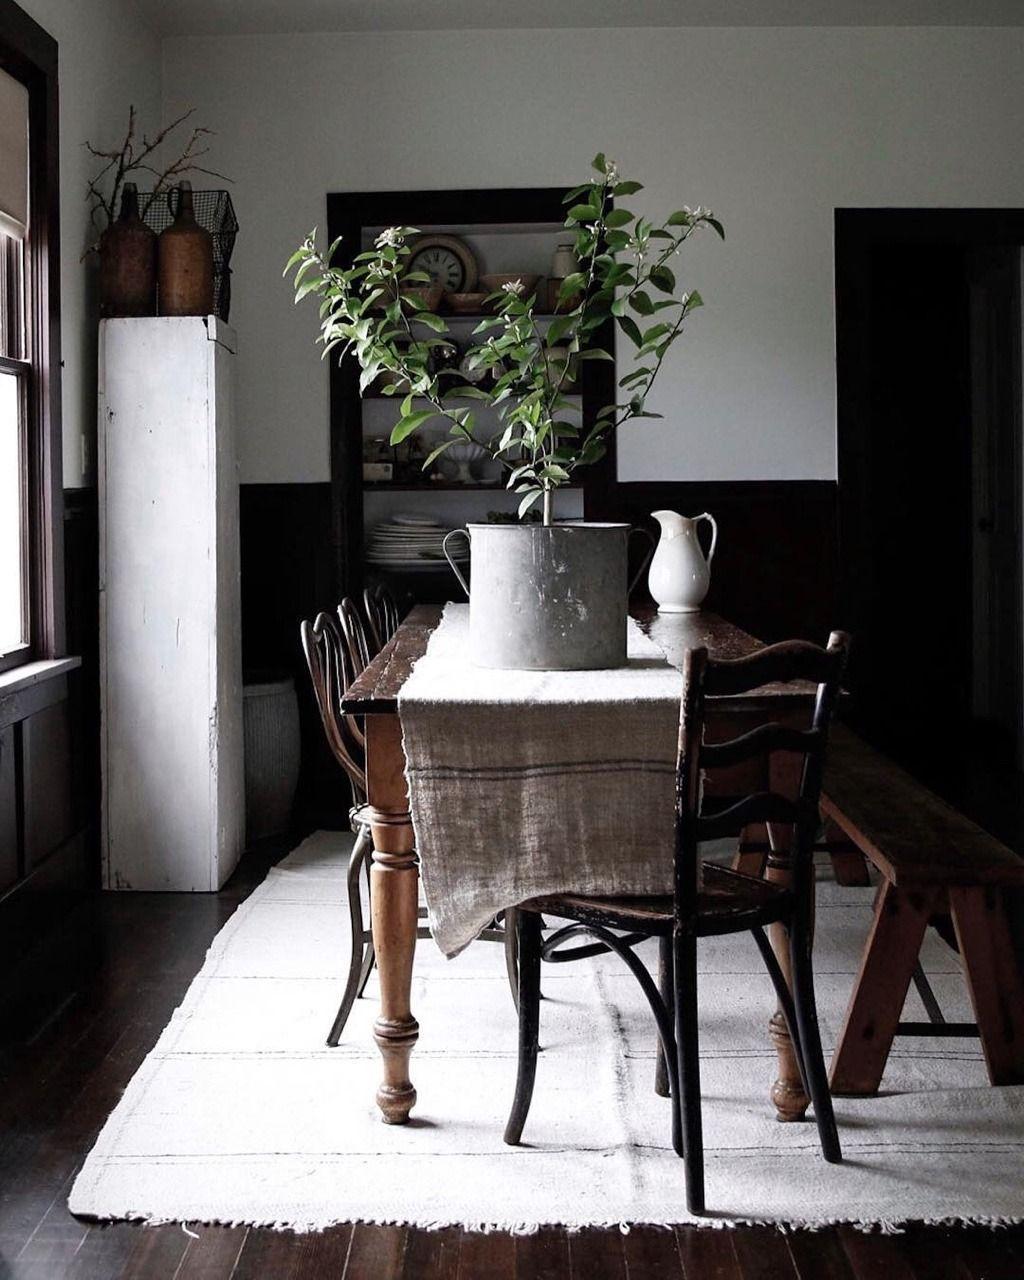 pinterest - Pearl Street | Interieur maison, Salle à manger tendance, Déco maison